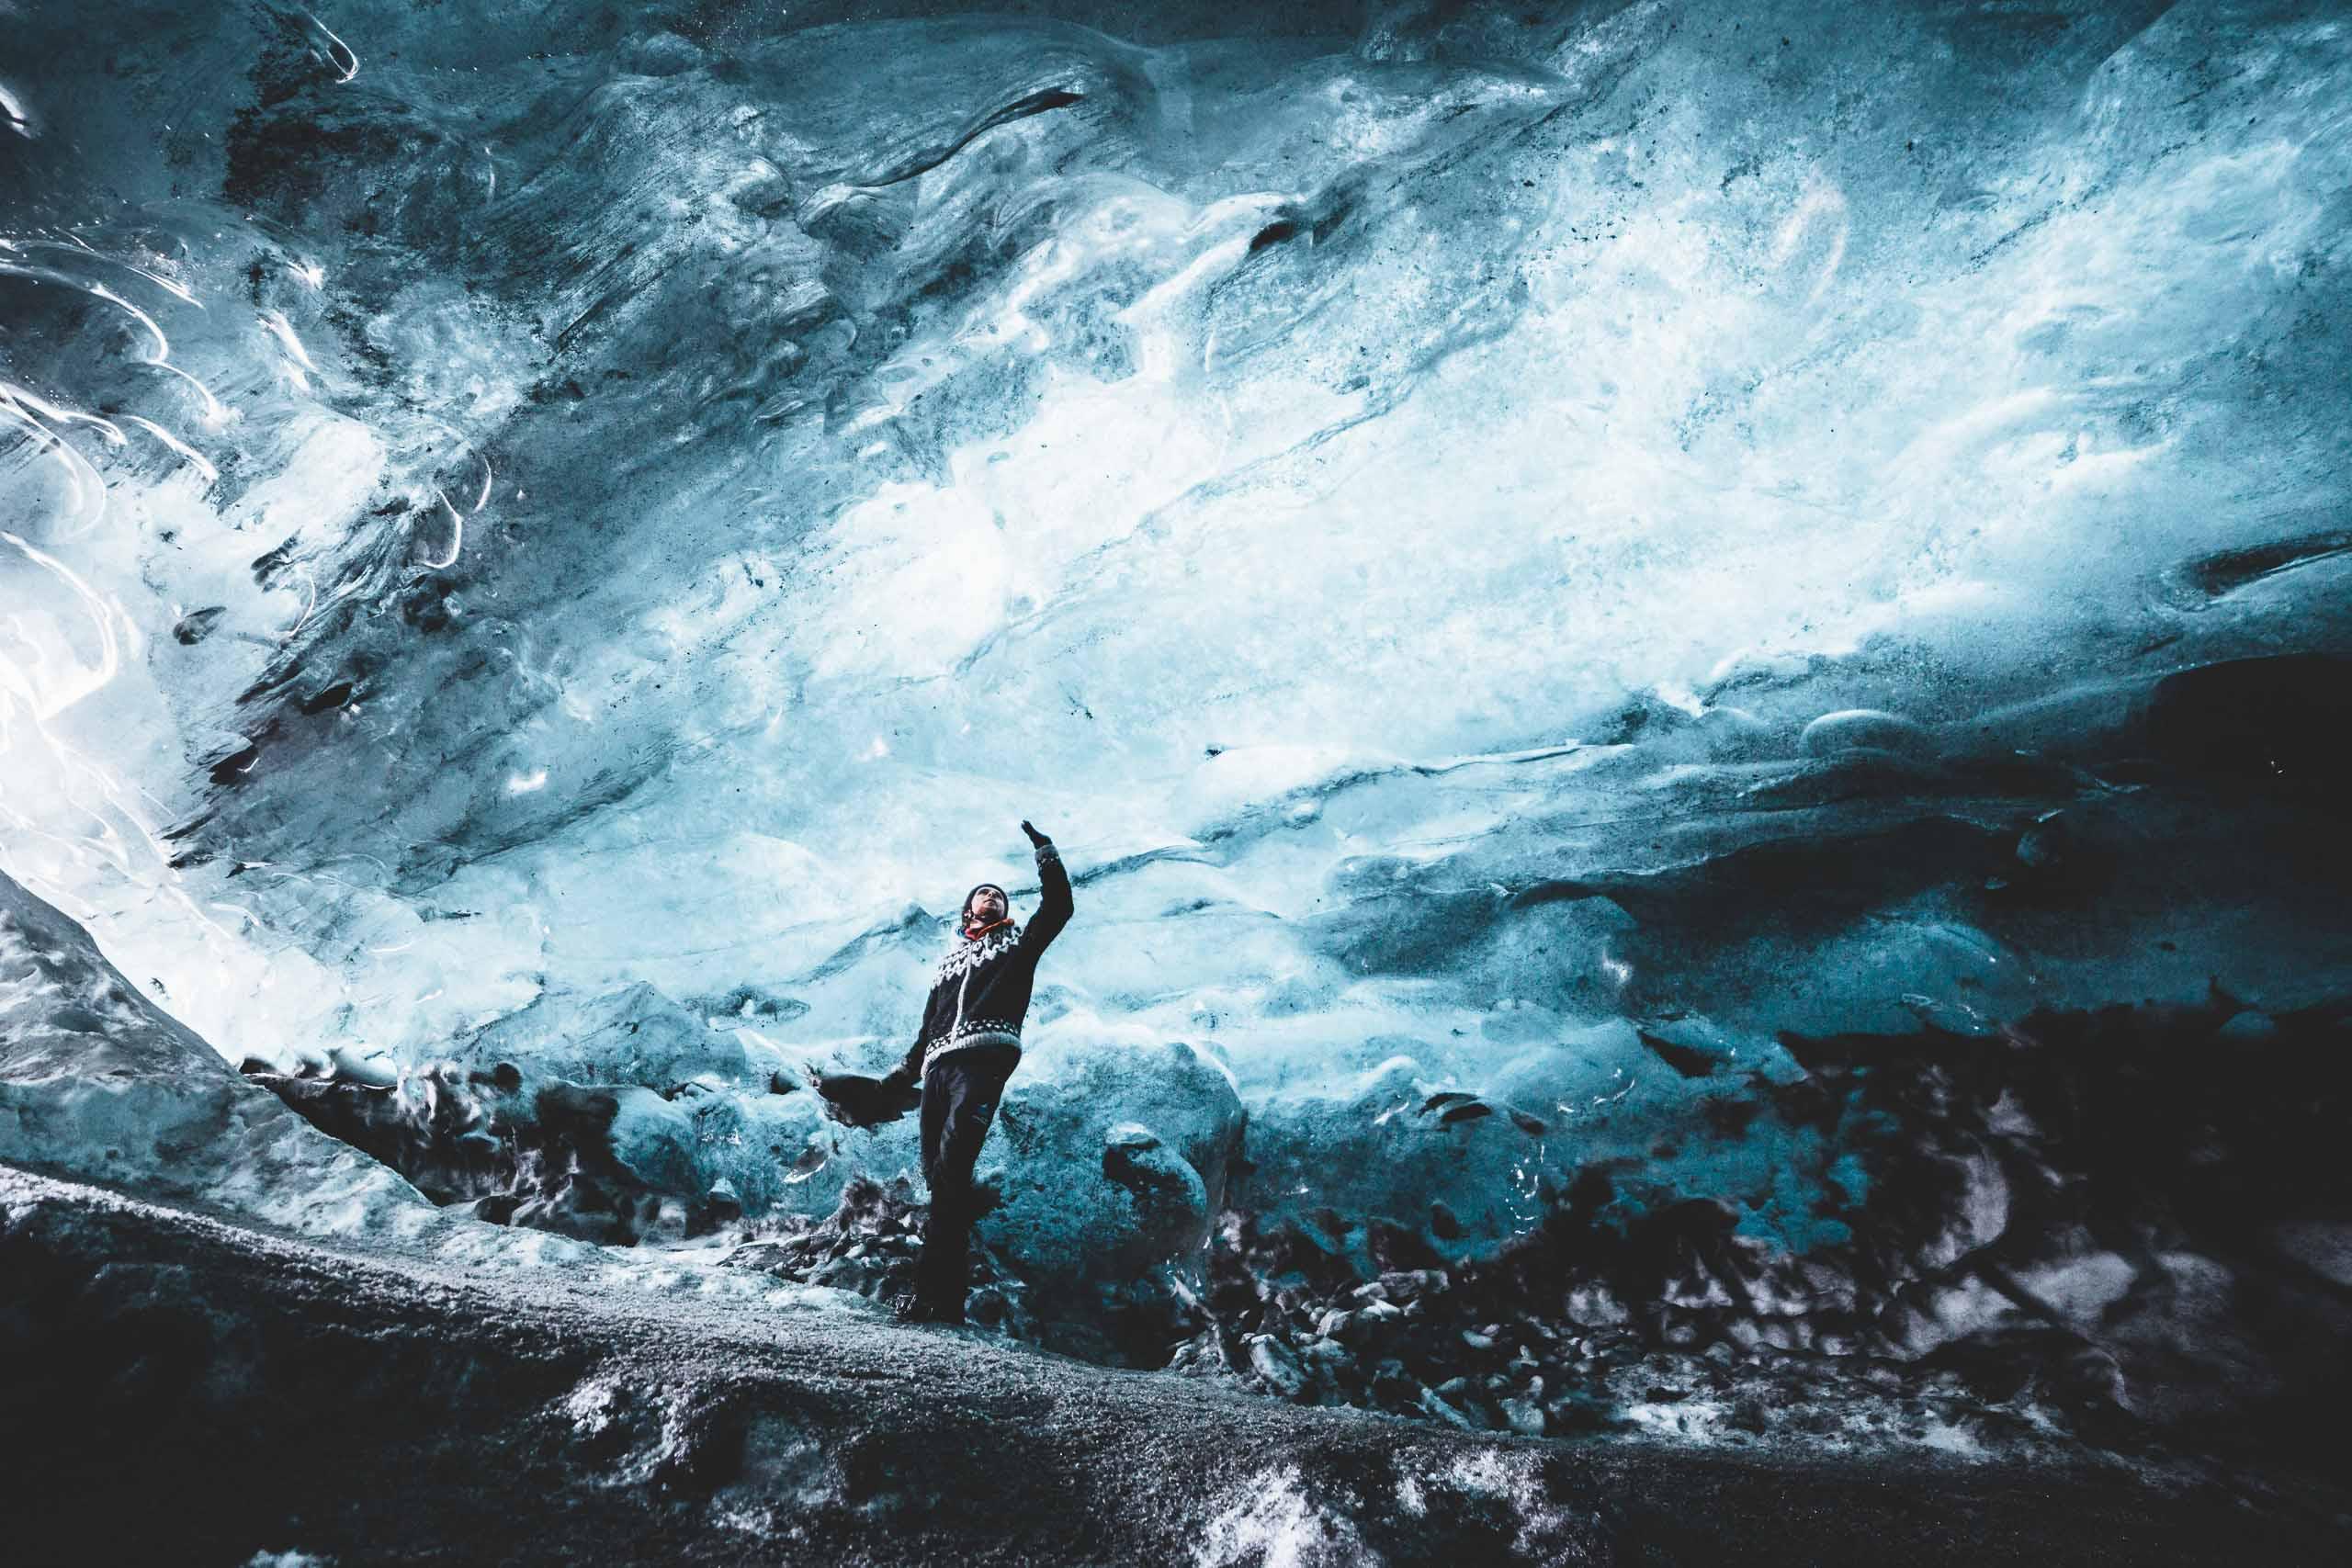 แพ็คเกจ 2 วัน ทัวร์ถ้ำน้ำแข็ง & ชายฝั่งทางใต้ | ปีนกลาเซียร์ เที่ยวโจกุลซาลอน & ดูแสงเหนือ